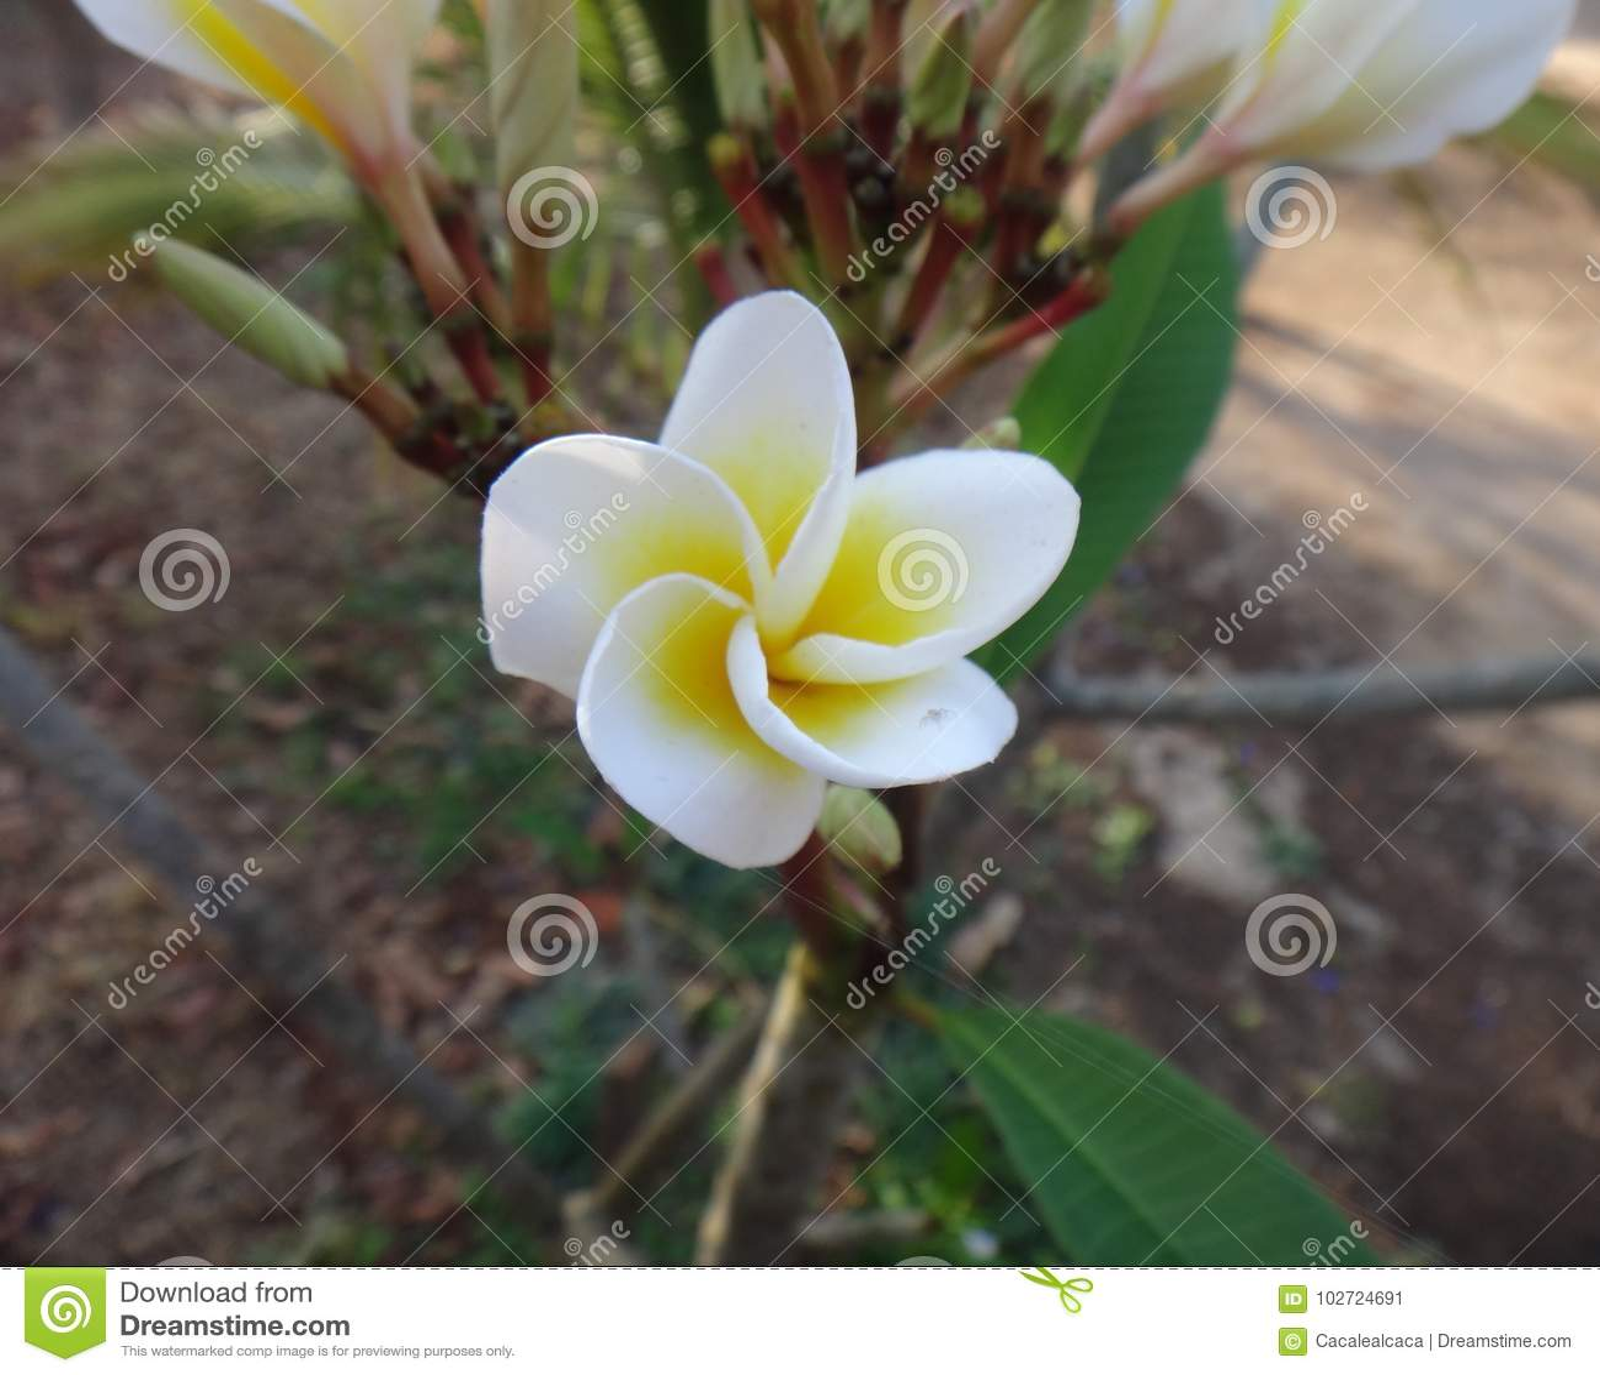 Frangipani - Witte en gele bloem